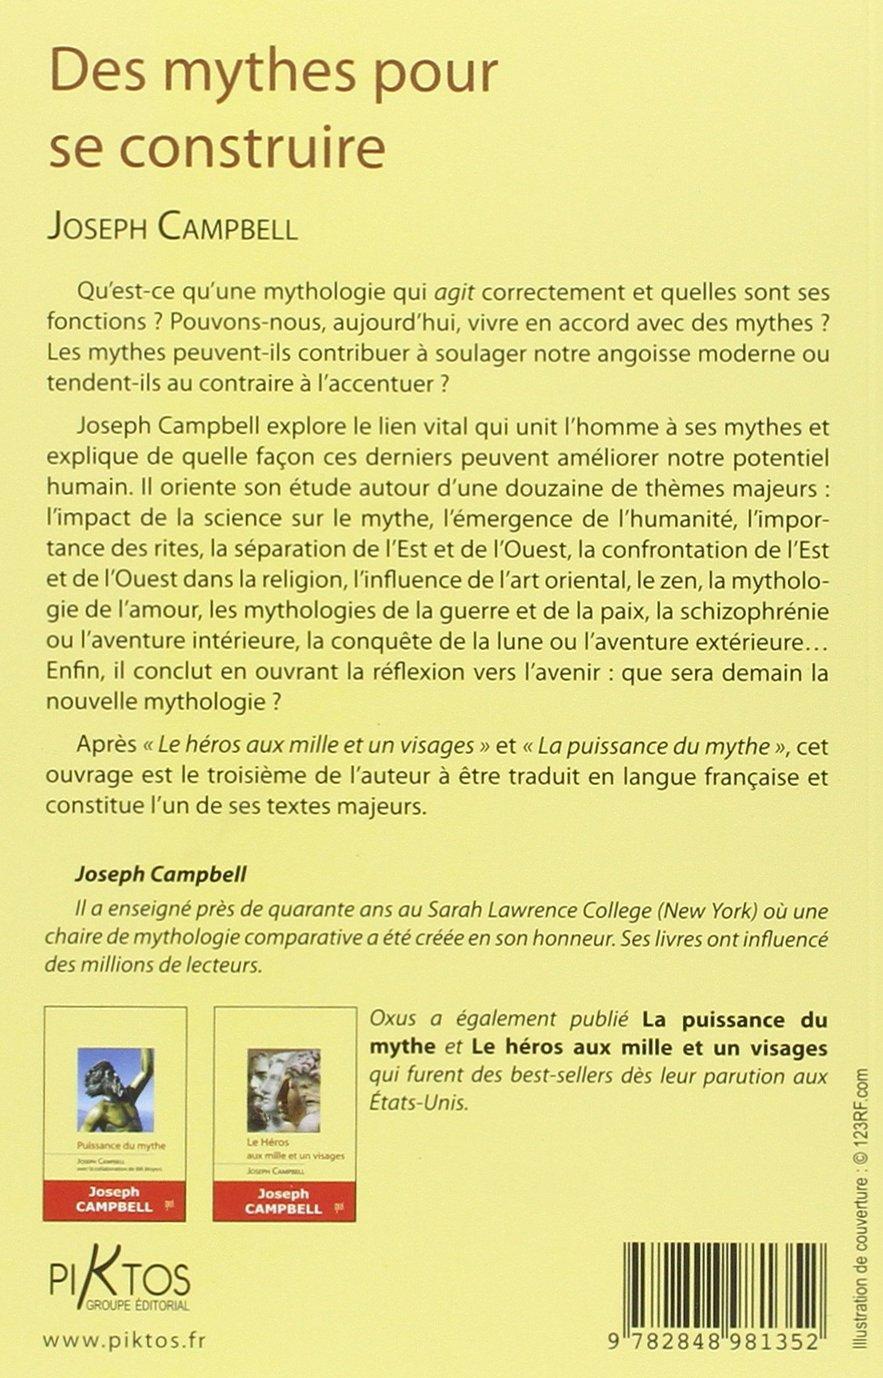 Des mythes pour se construire (French Edition): 9782848981352: Amazon.com: Books